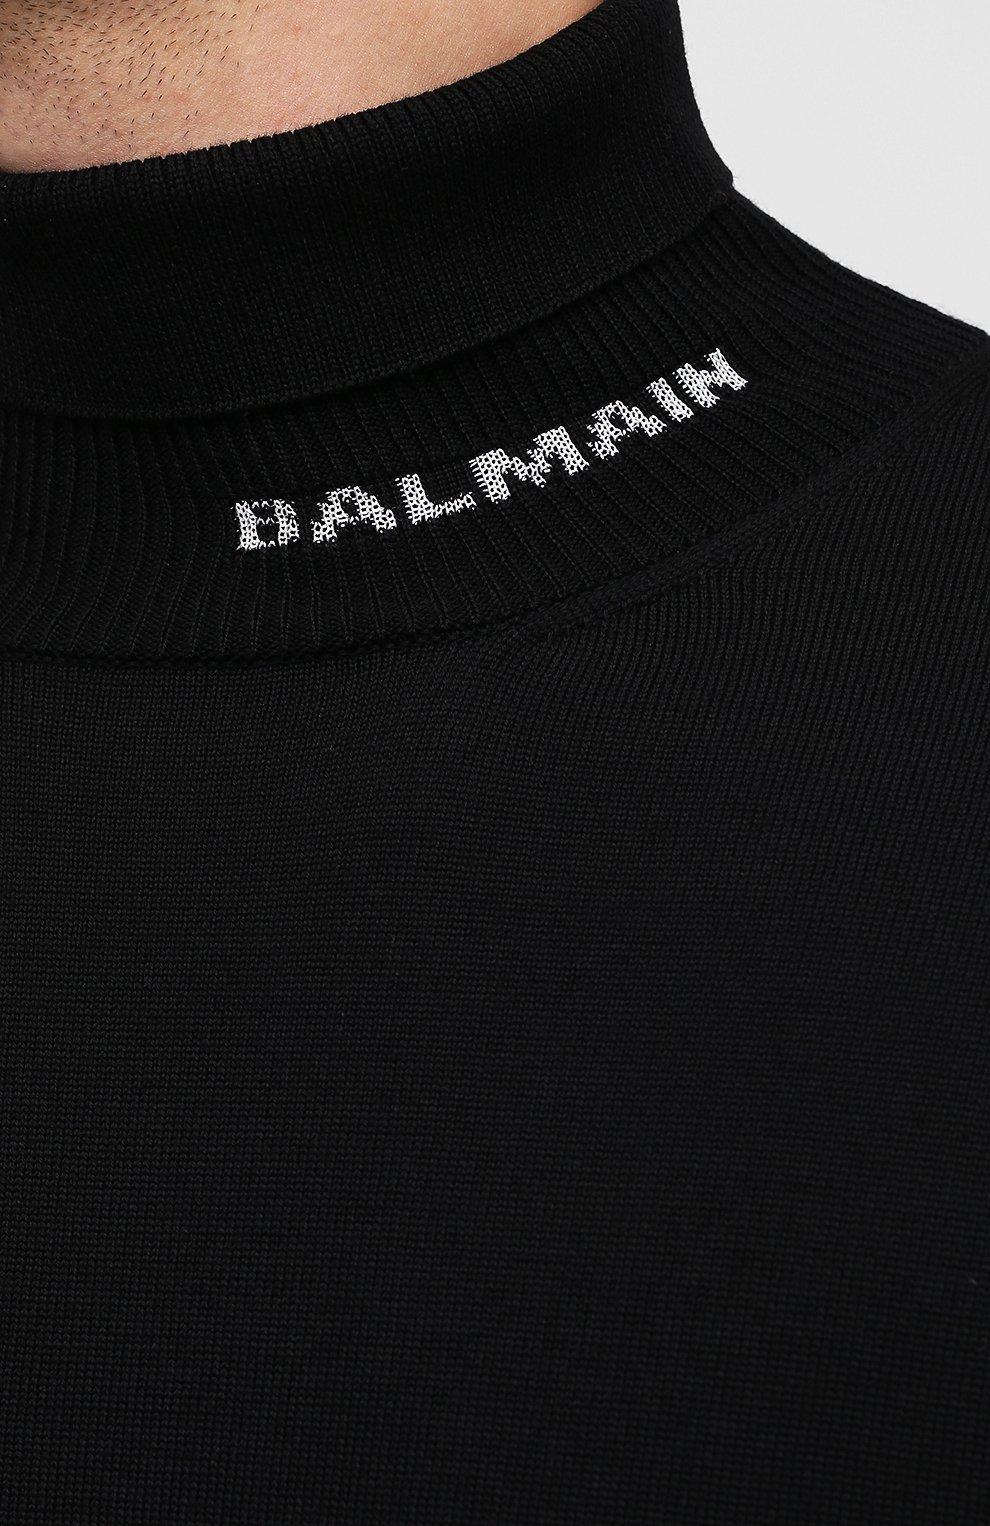 Мужской шерстяной свитер BALMAIN черного цвета, арт. UH13410/K010   Фото 5 (Материал внешний: Шерсть; Рукава: Длинные; Принт: Без принта)